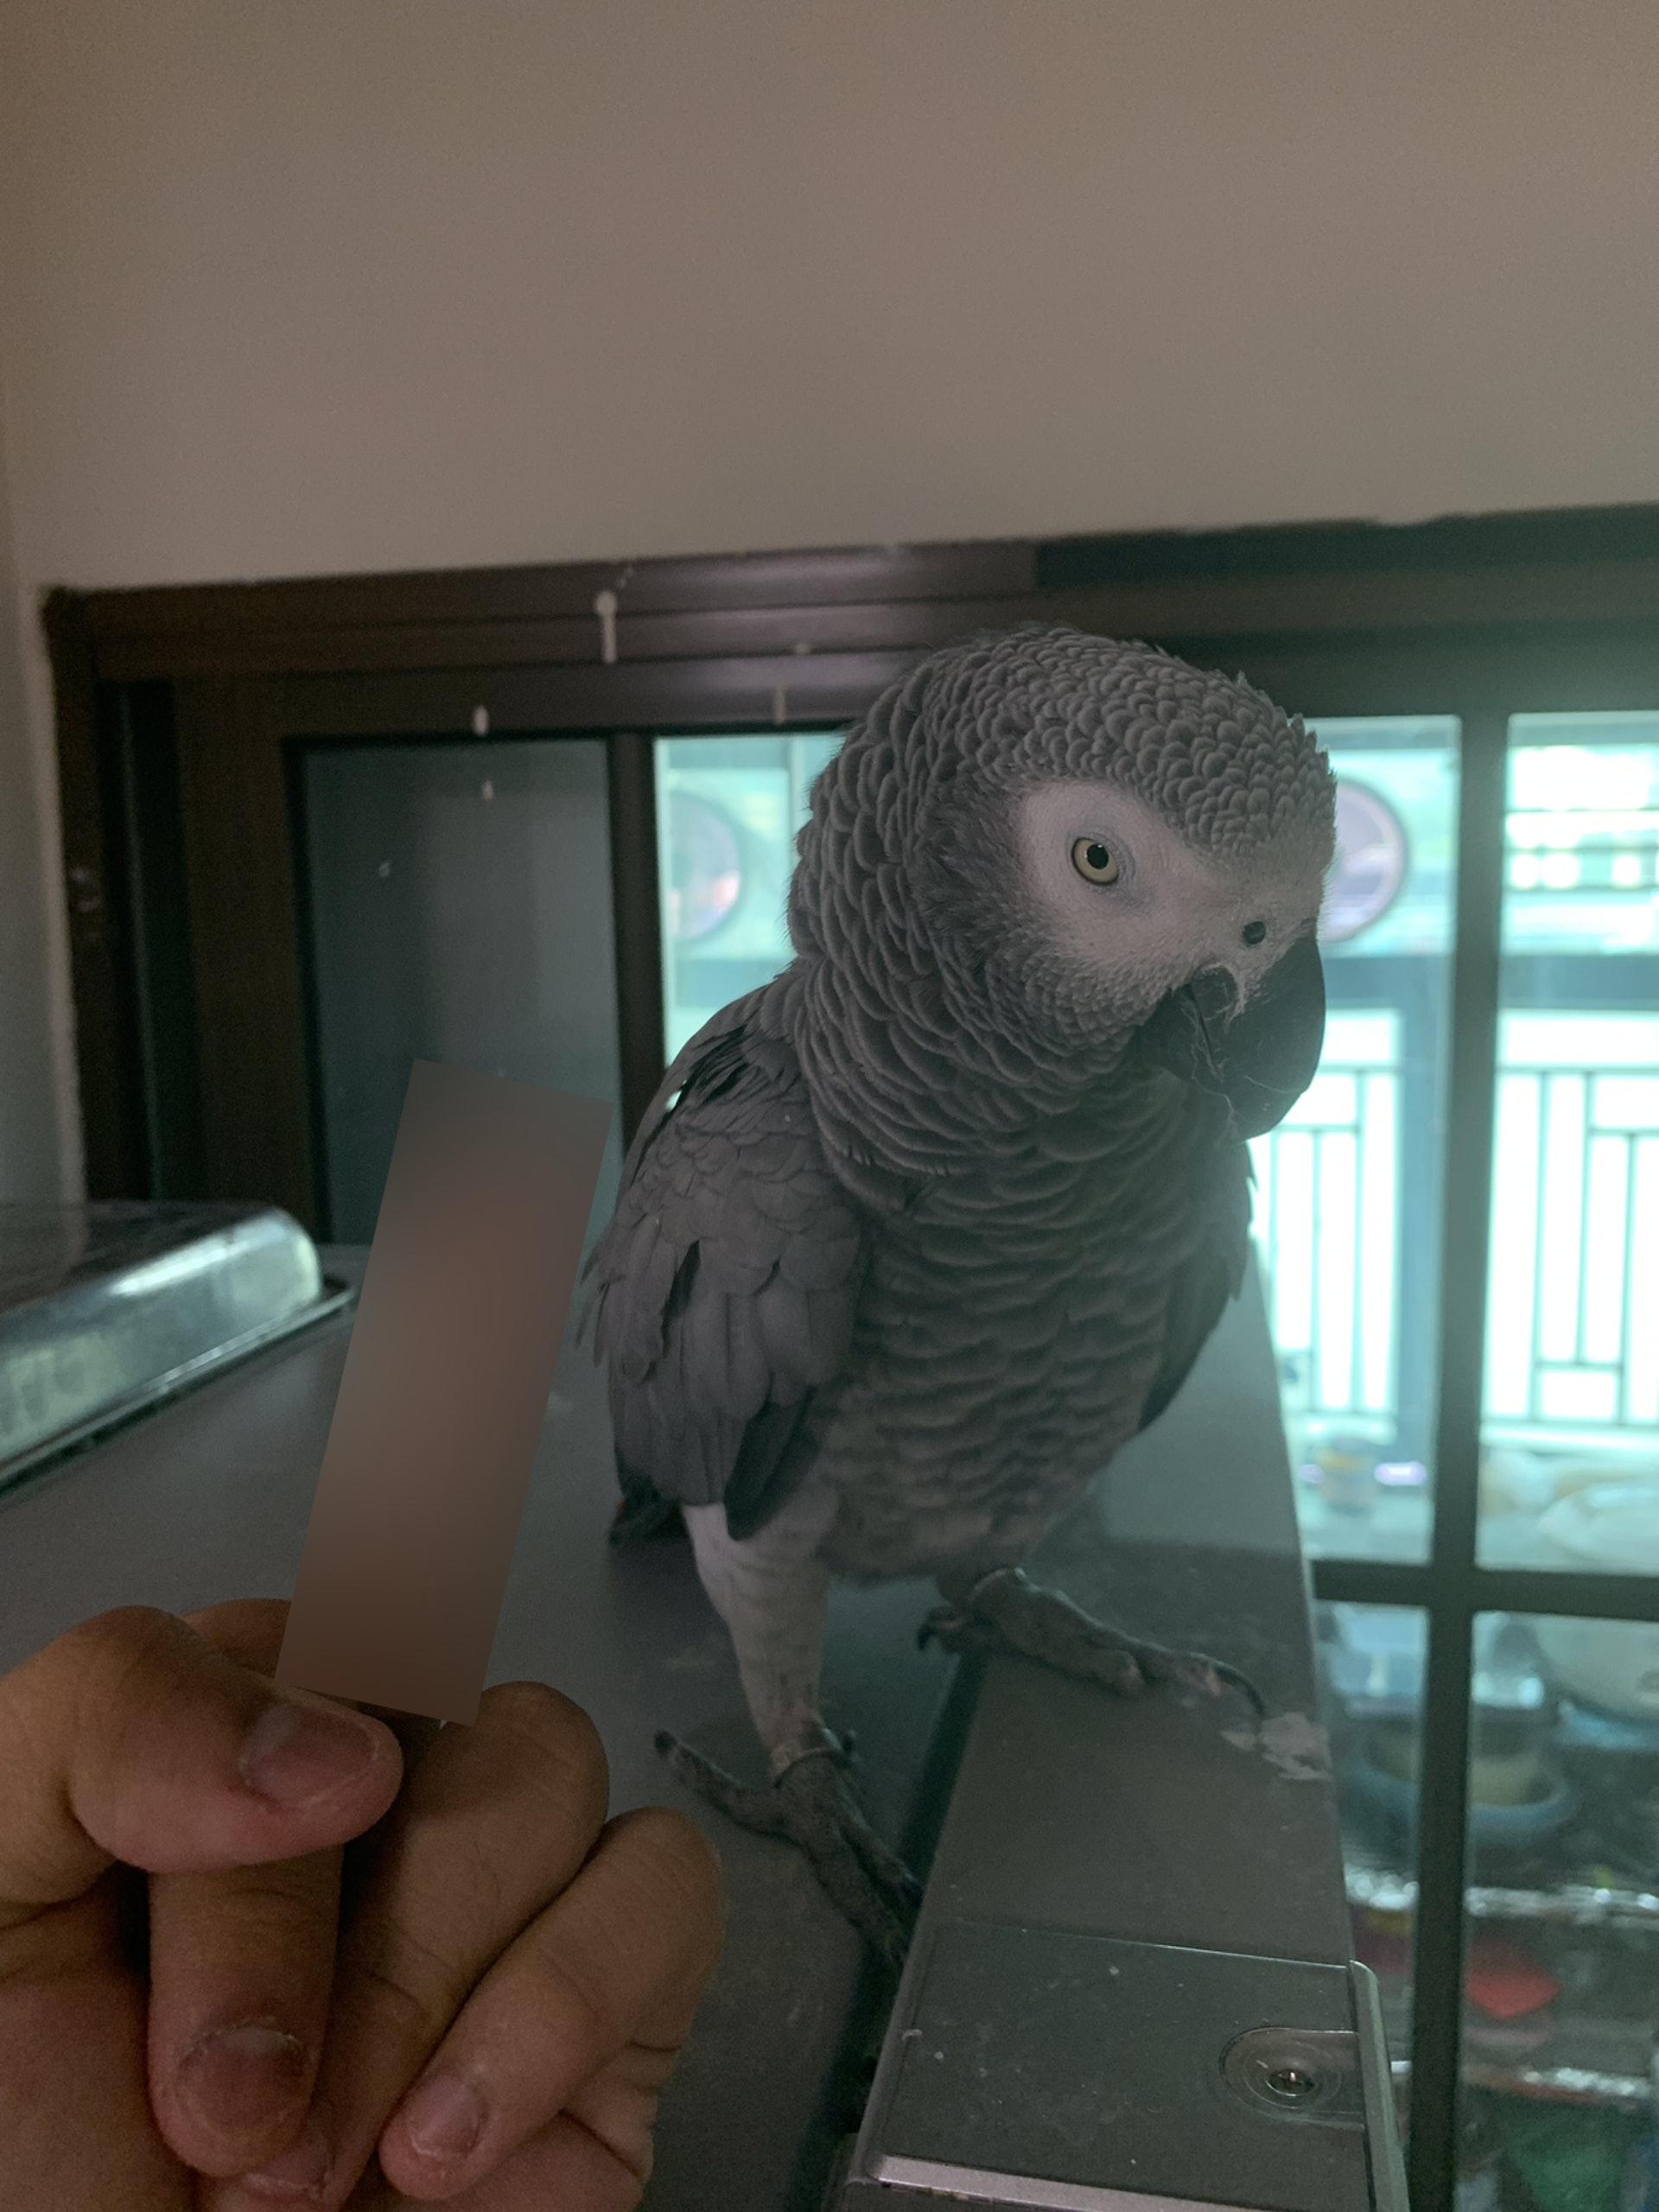 由於十分憤怒,樓主對鸚鵡做出粗口手勢,斥其「死廢雀」。(連登討論區圖片)